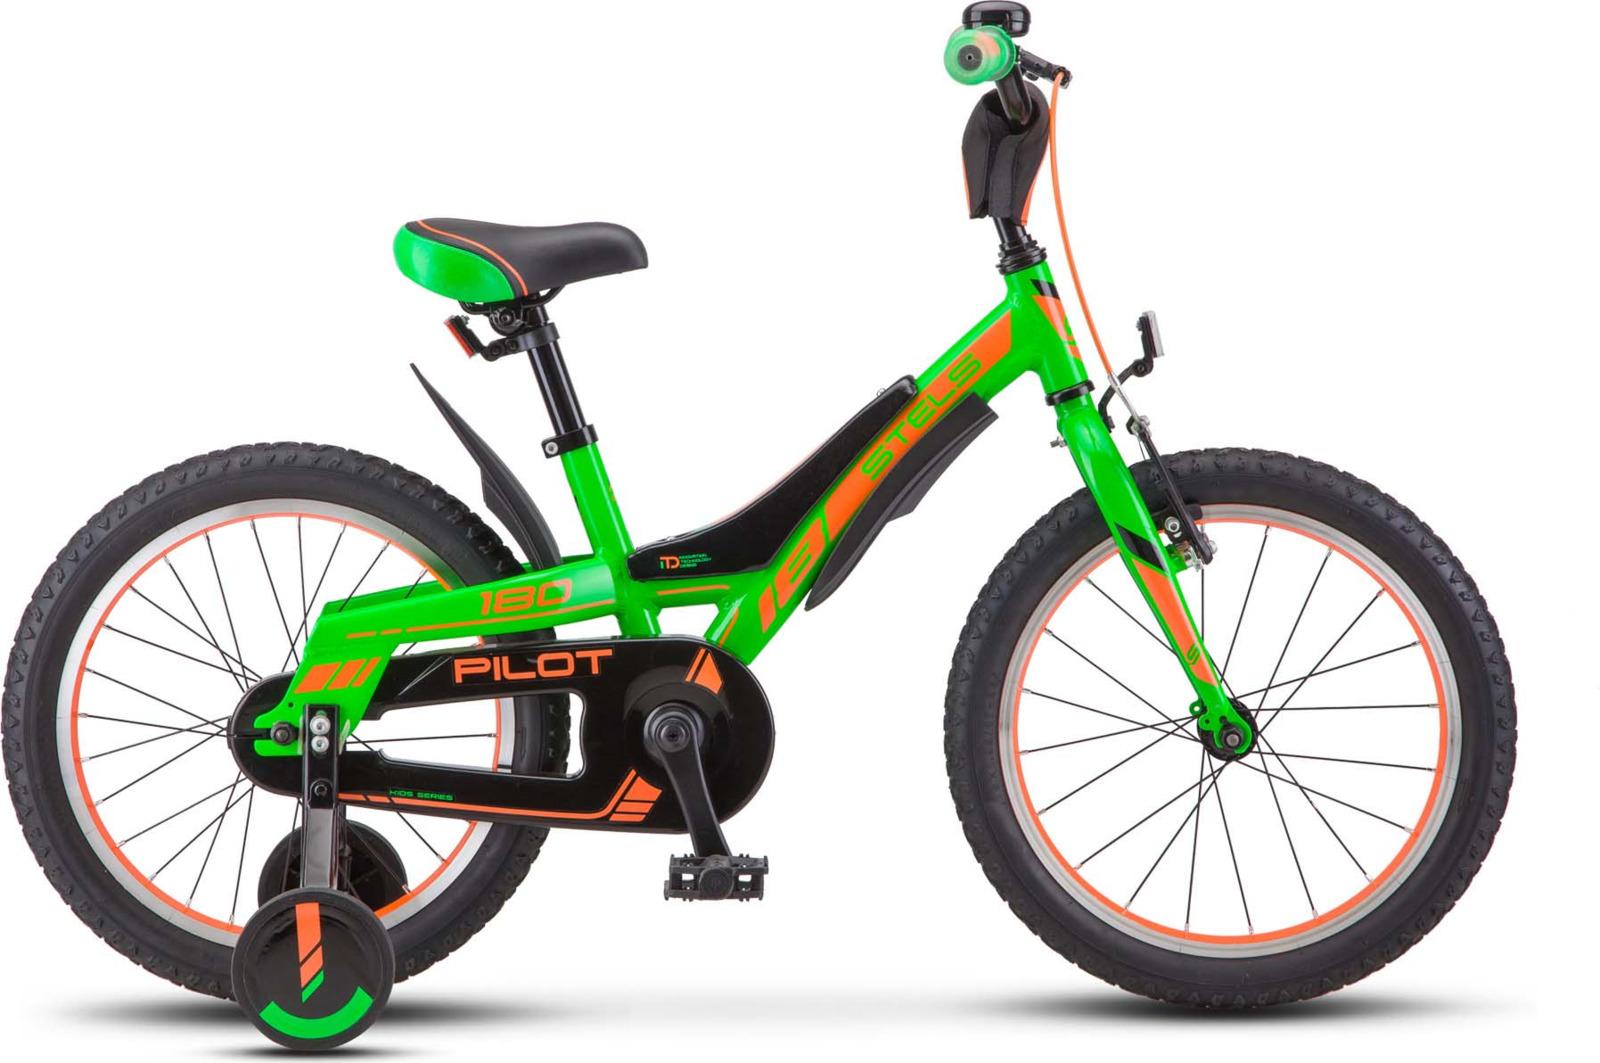 цена на Велосипед Stels Pilot-180 16, KUBC0046952018, зеленый